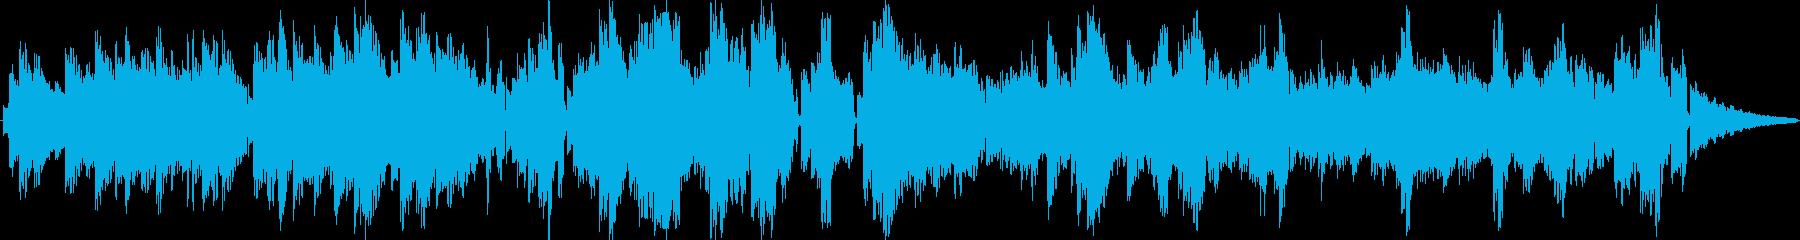 エレクトリックピアノソロ・暖かい部屋の再生済みの波形